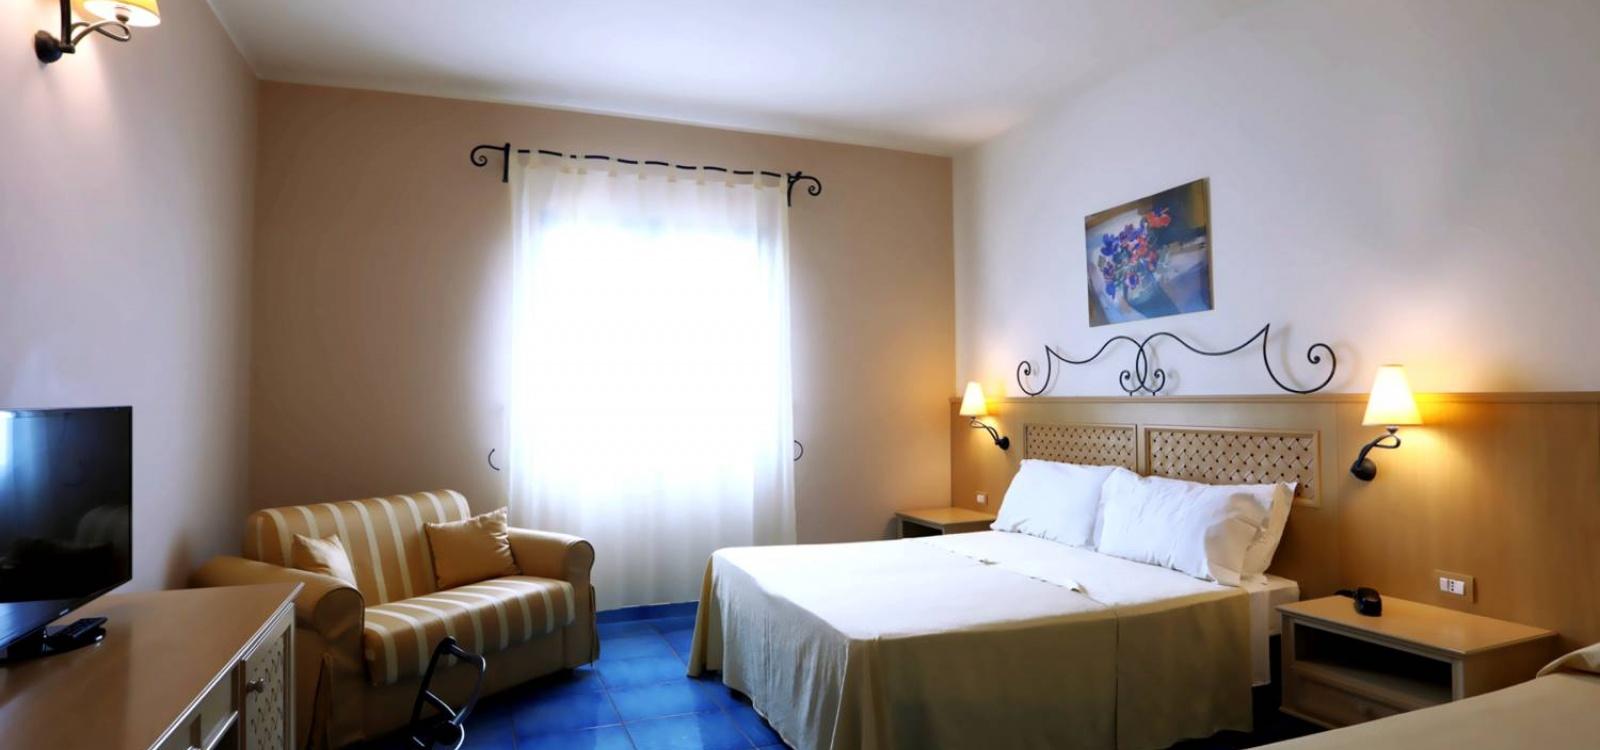 Hotel, Affitto per vacanze, Località Fortino, ID Struttura 1226, Santa Marina, Capo Vaticano, Italy, 89866,